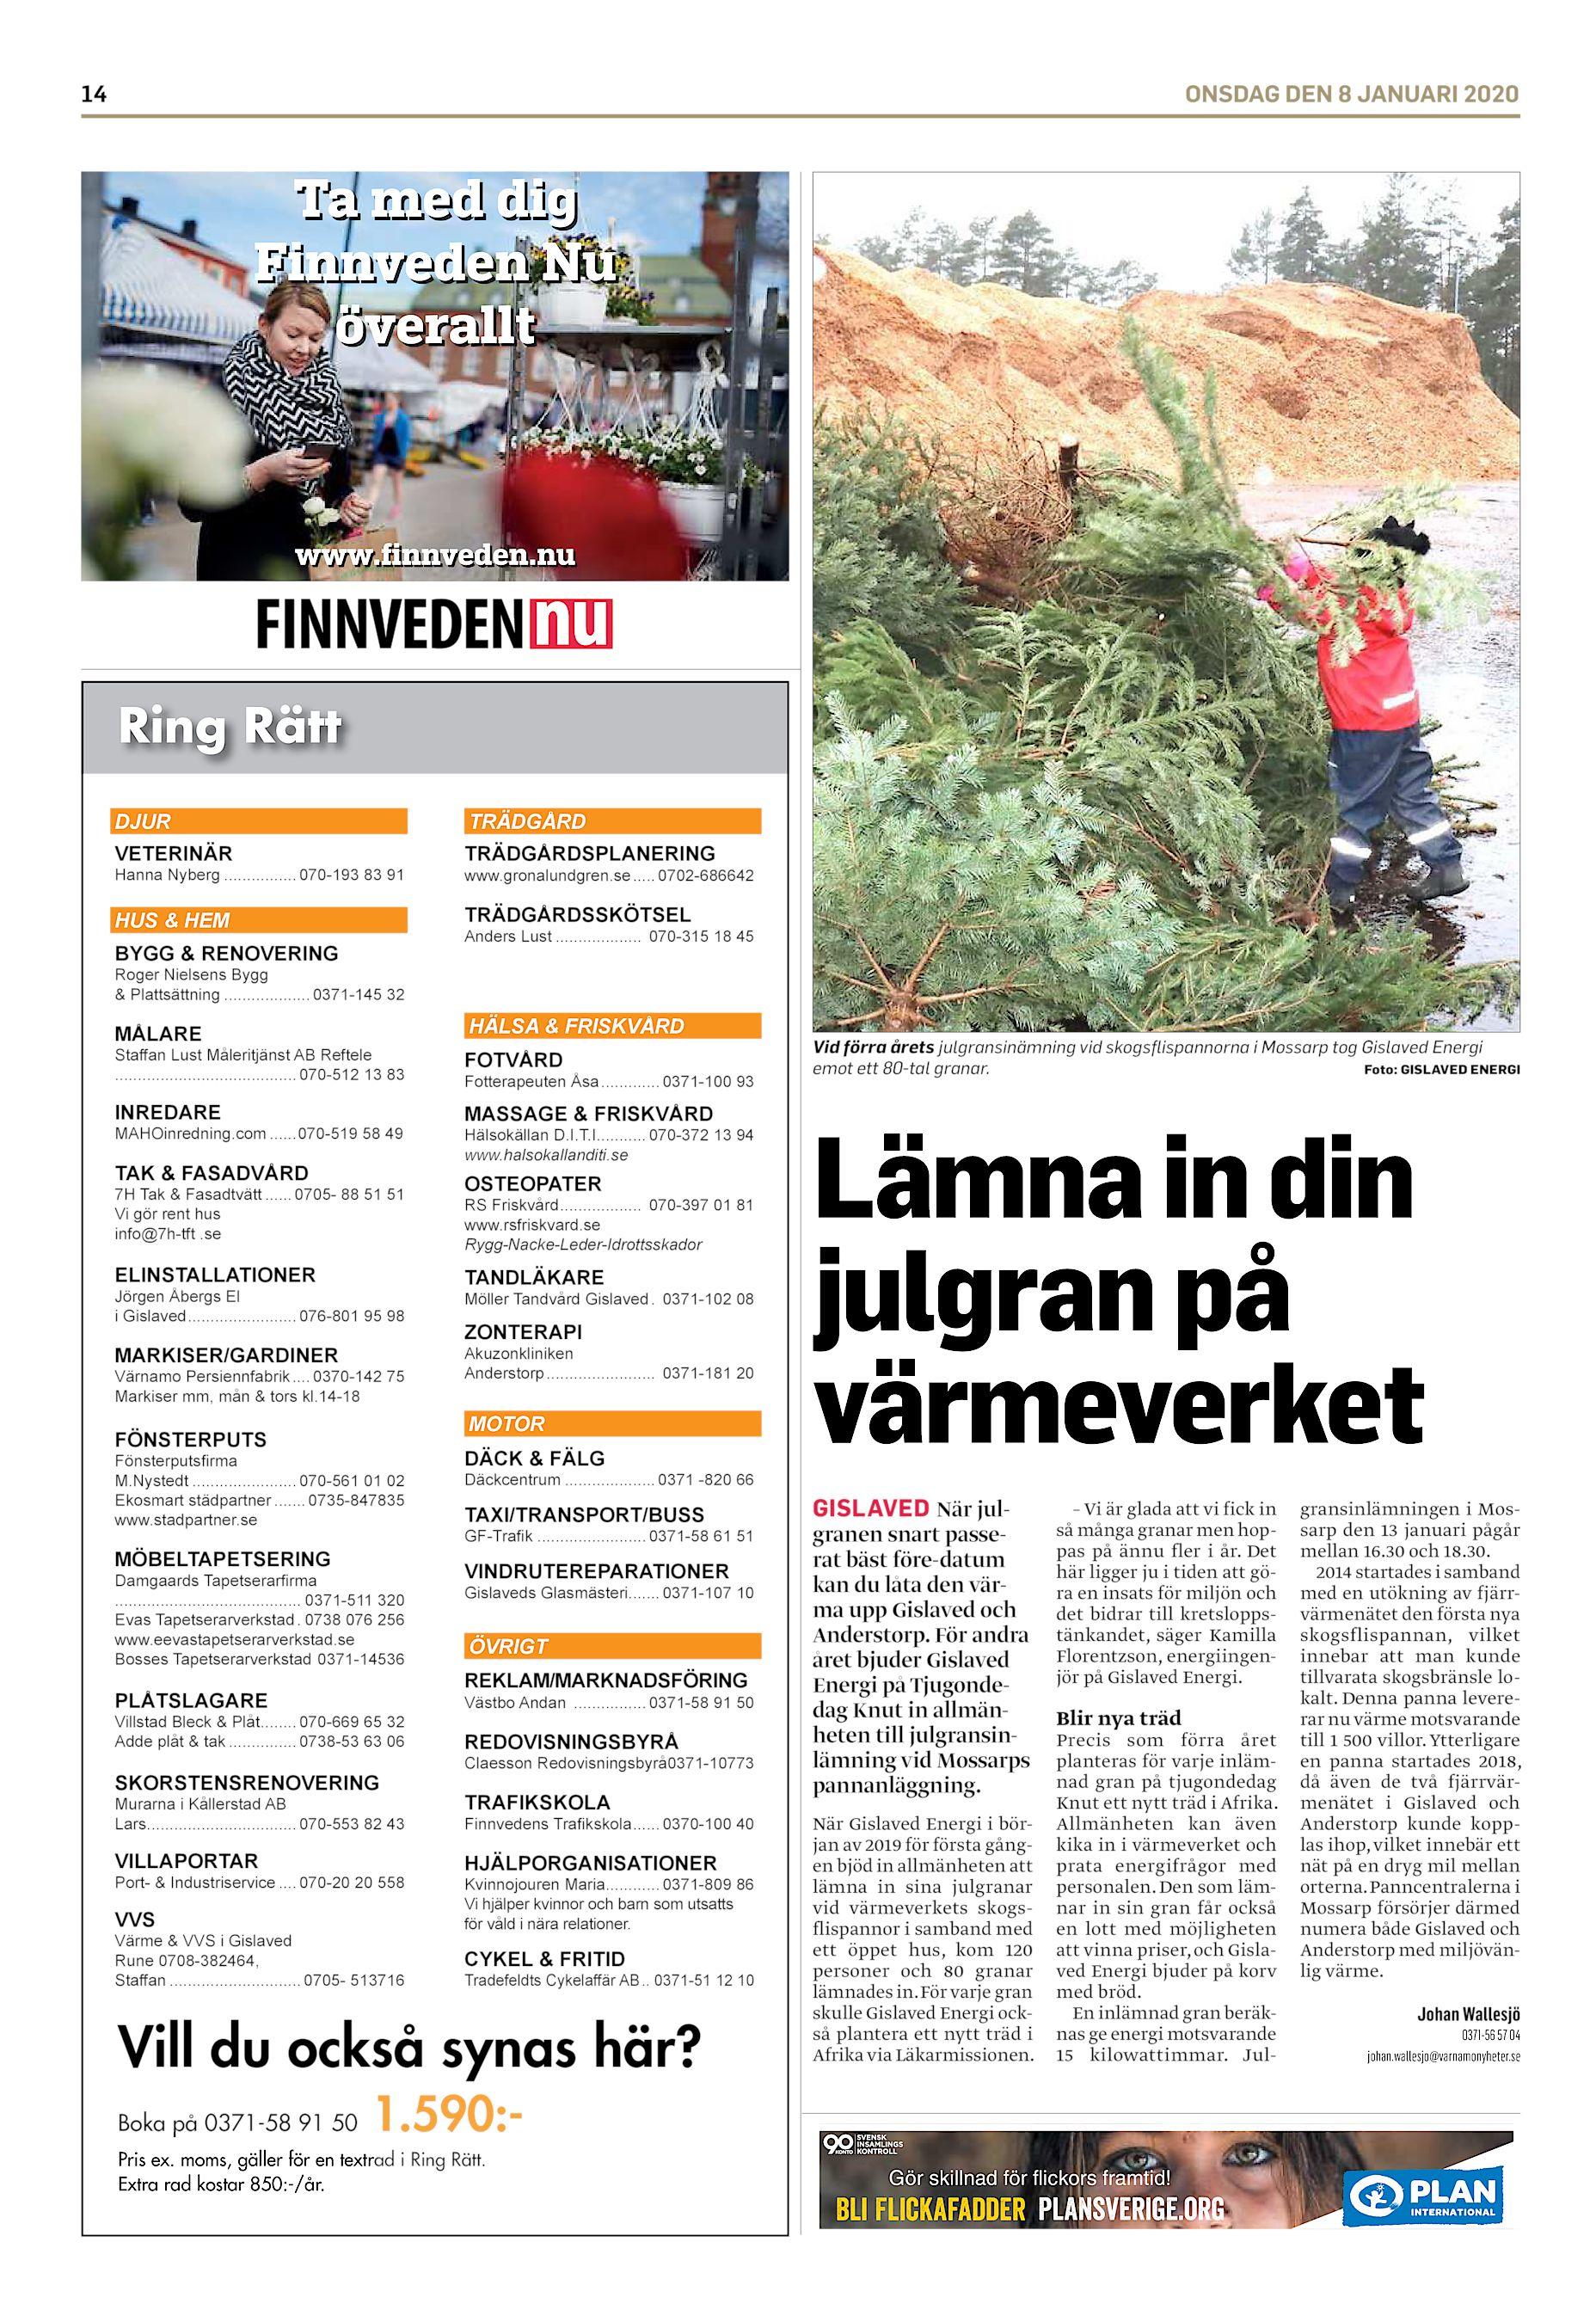 Frida Sncke, Voxtorp Ekliden 1, Bor | unam.net